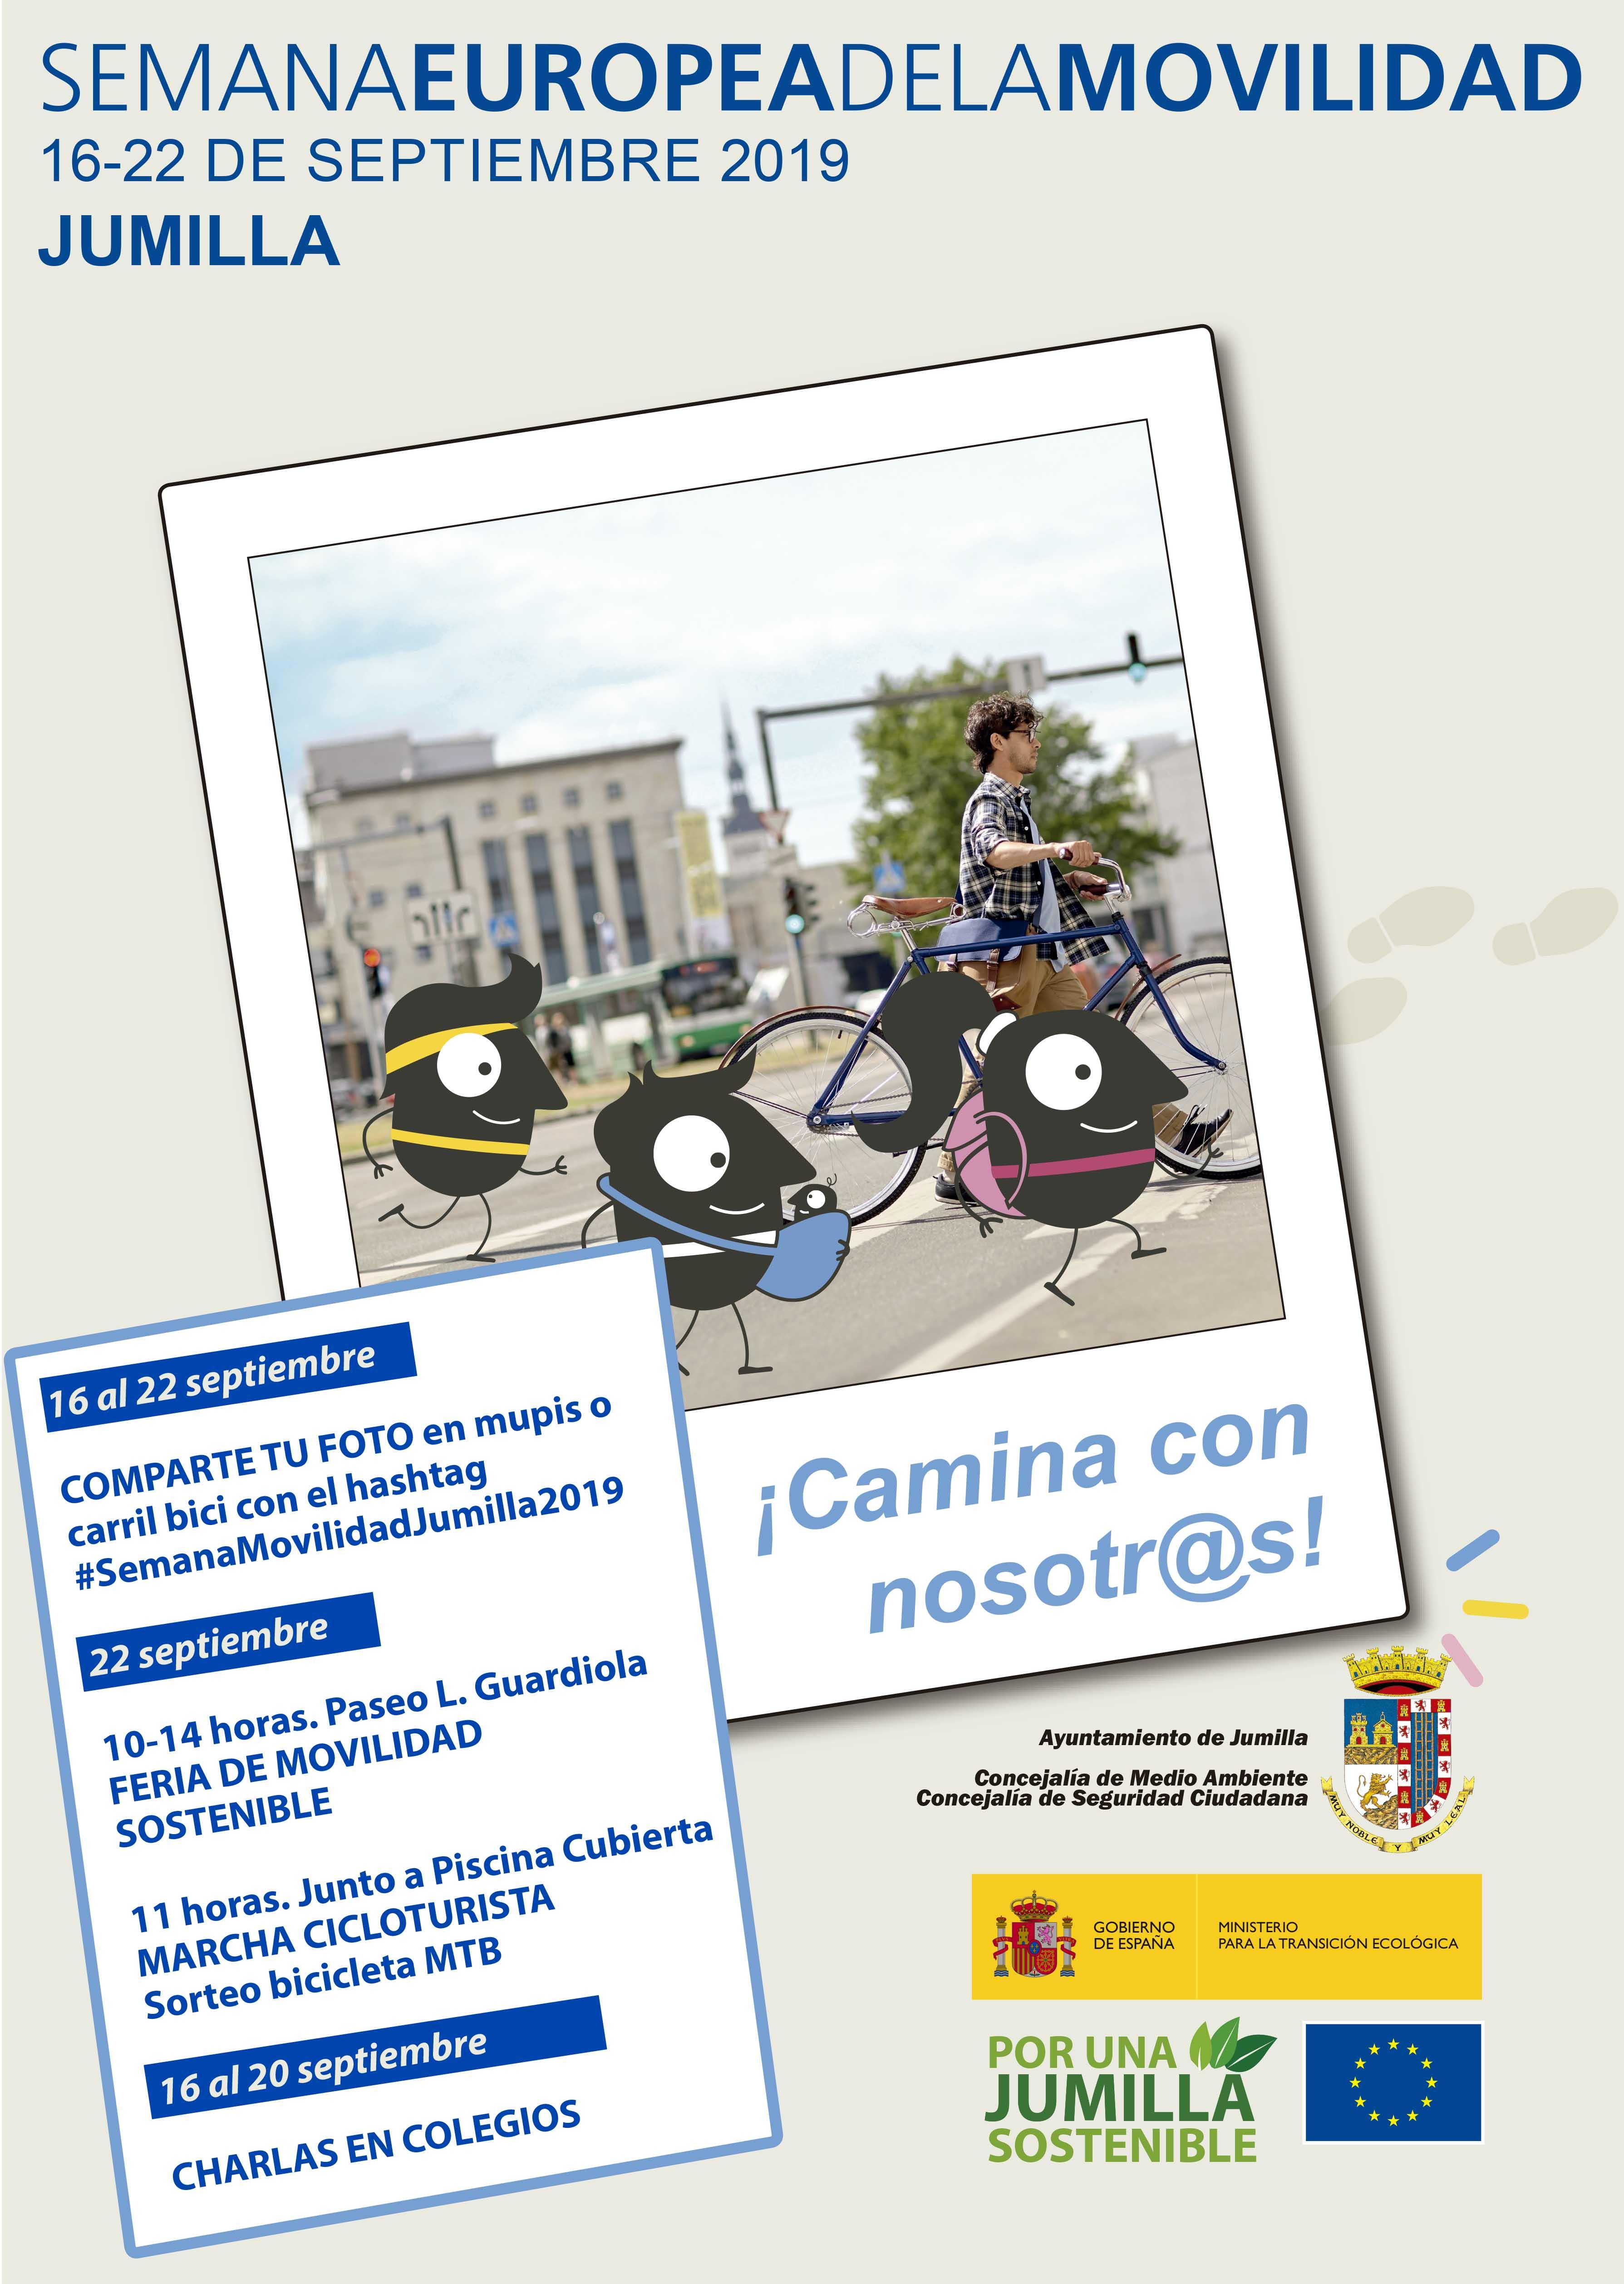 Jumilla celebra, con varios actos, la Semana Europea de la Movilidad